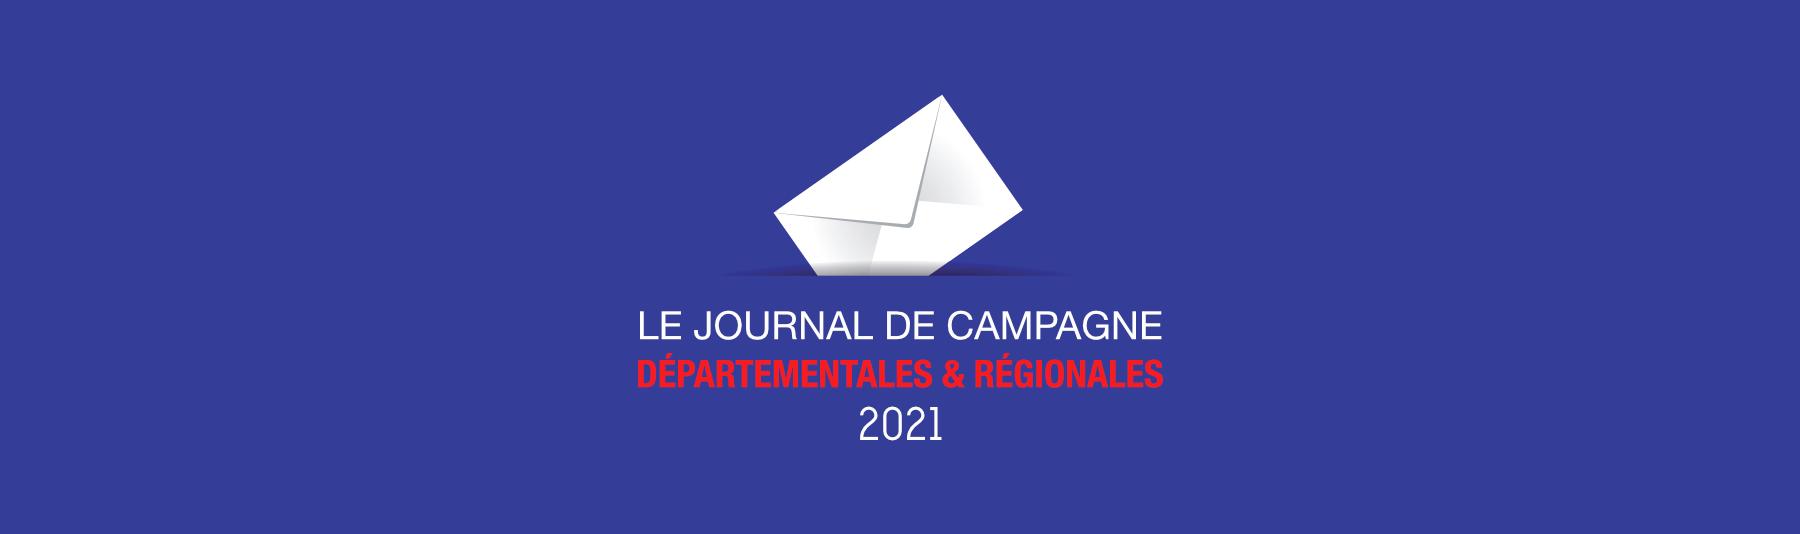 Elections 2021 - Le Journal de Campagne Île-de-France